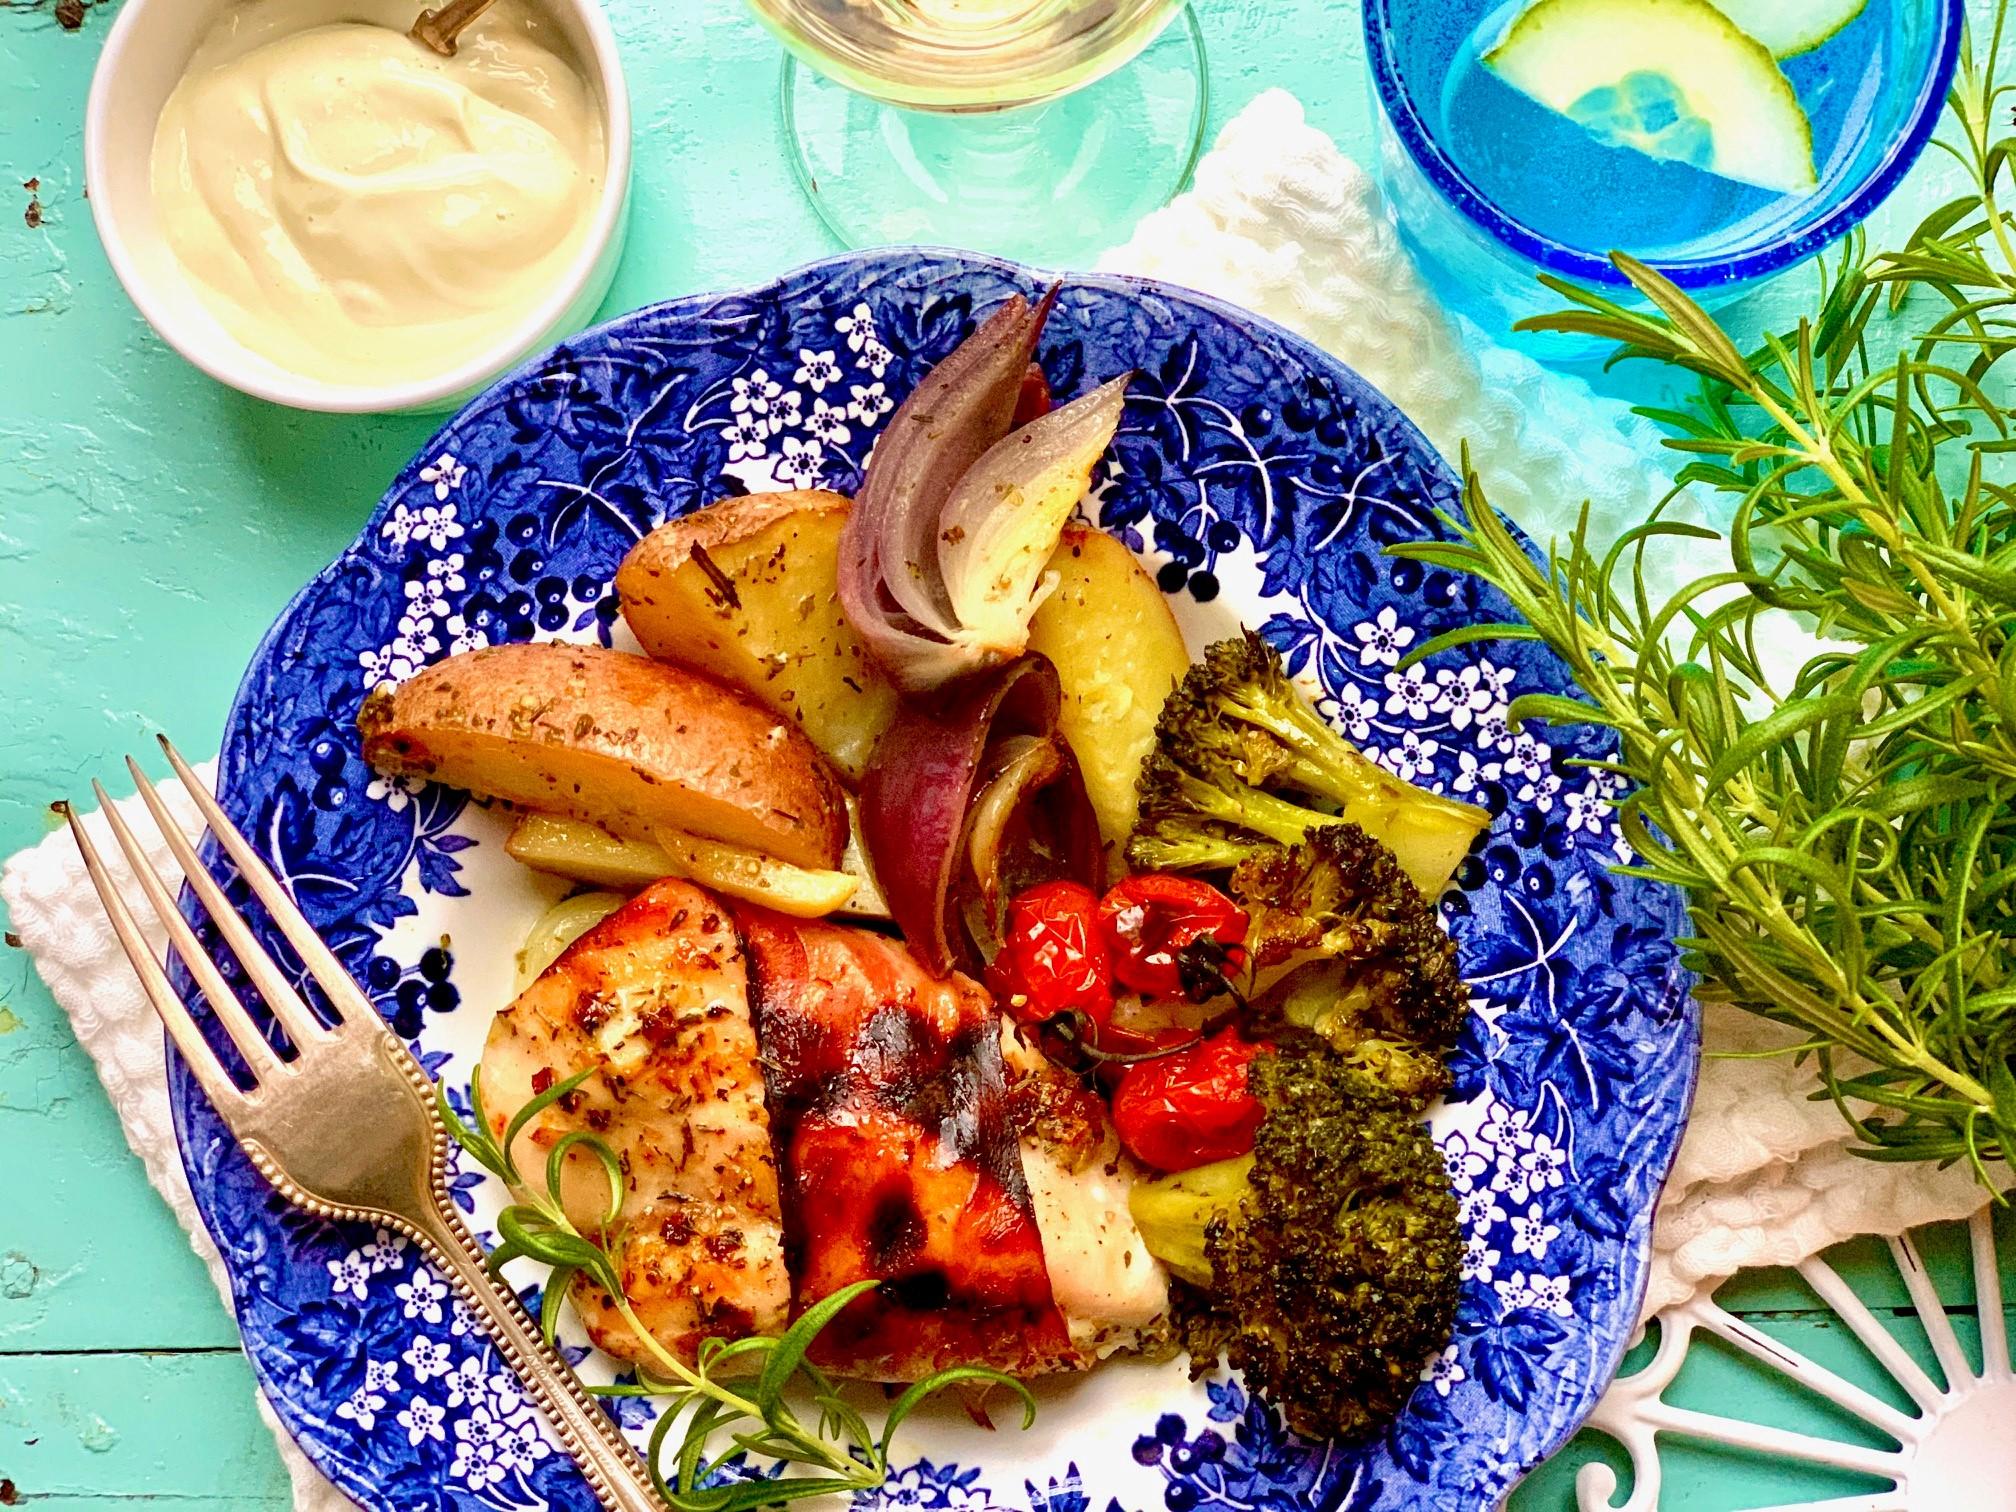 terveellinen ruokavalio lautanen